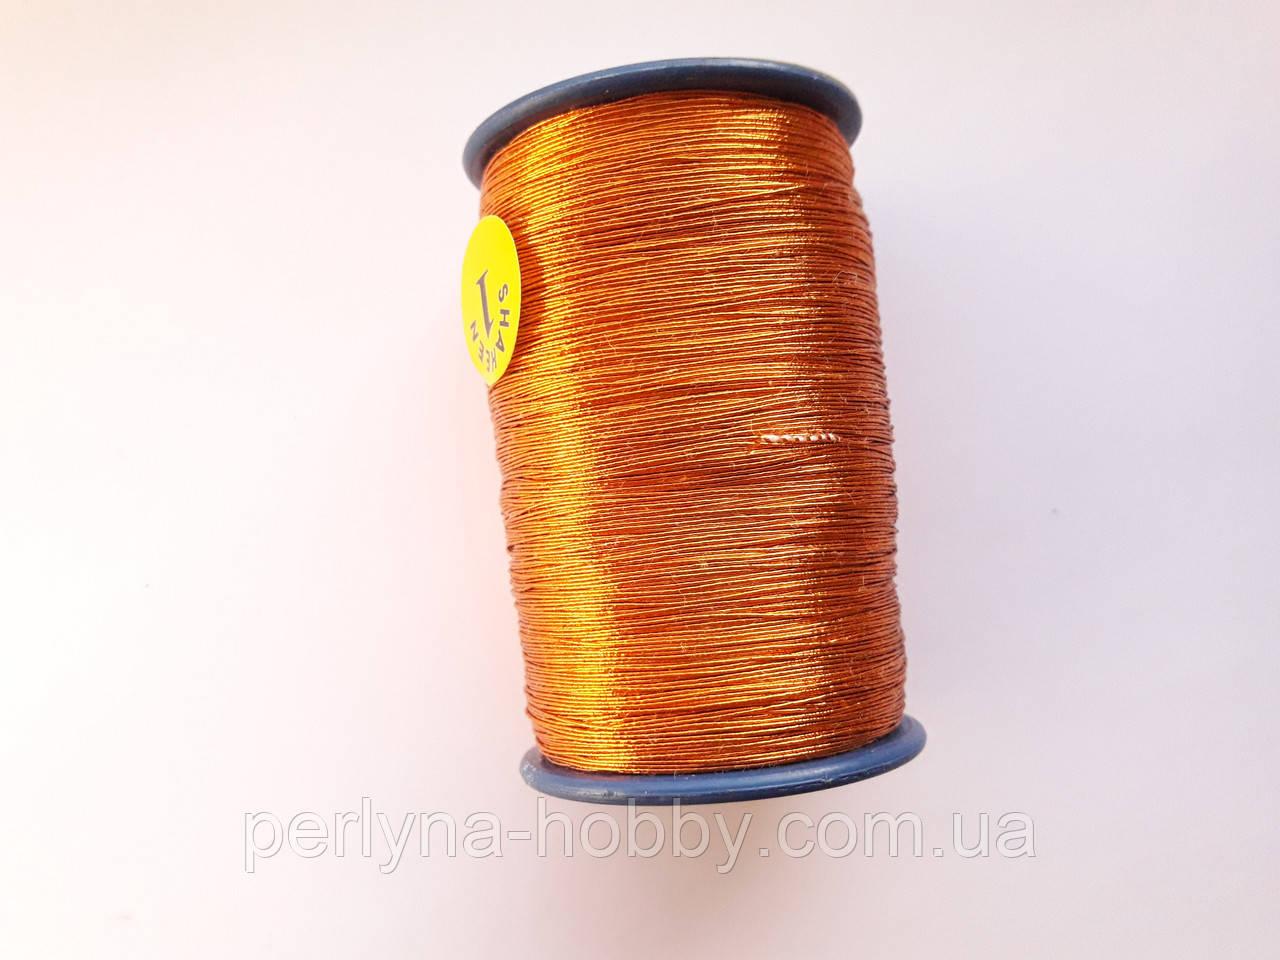 Нитка люрексова. Виключно для ручної вишивки. Мыдний, темне золото.